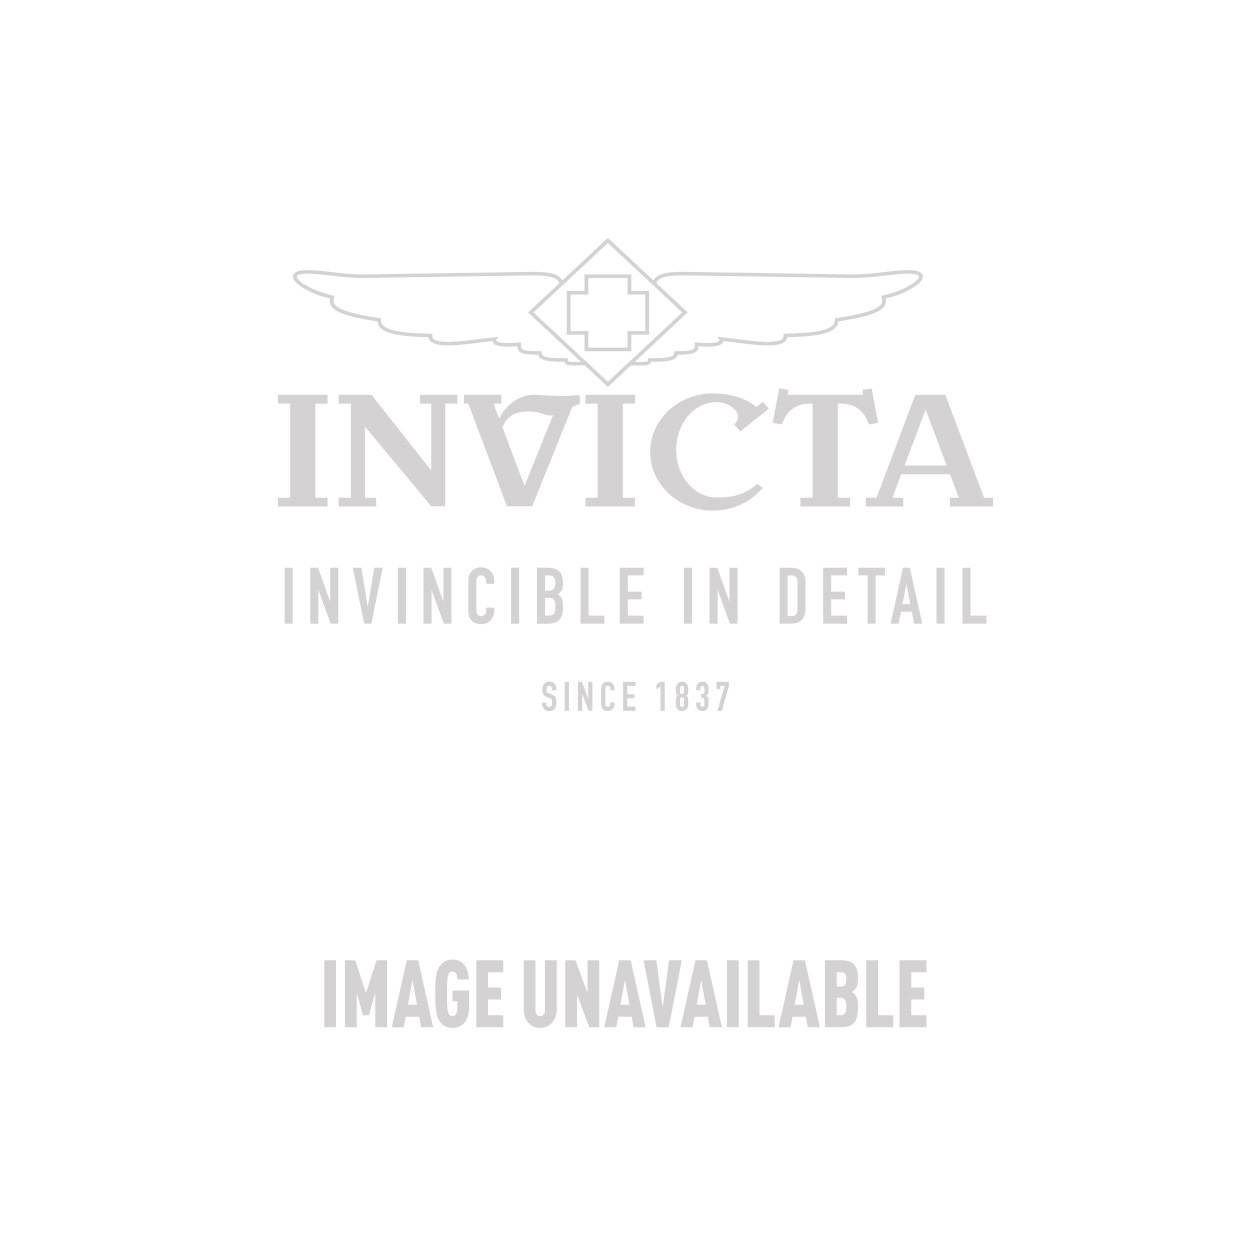 Invicta Model  25460